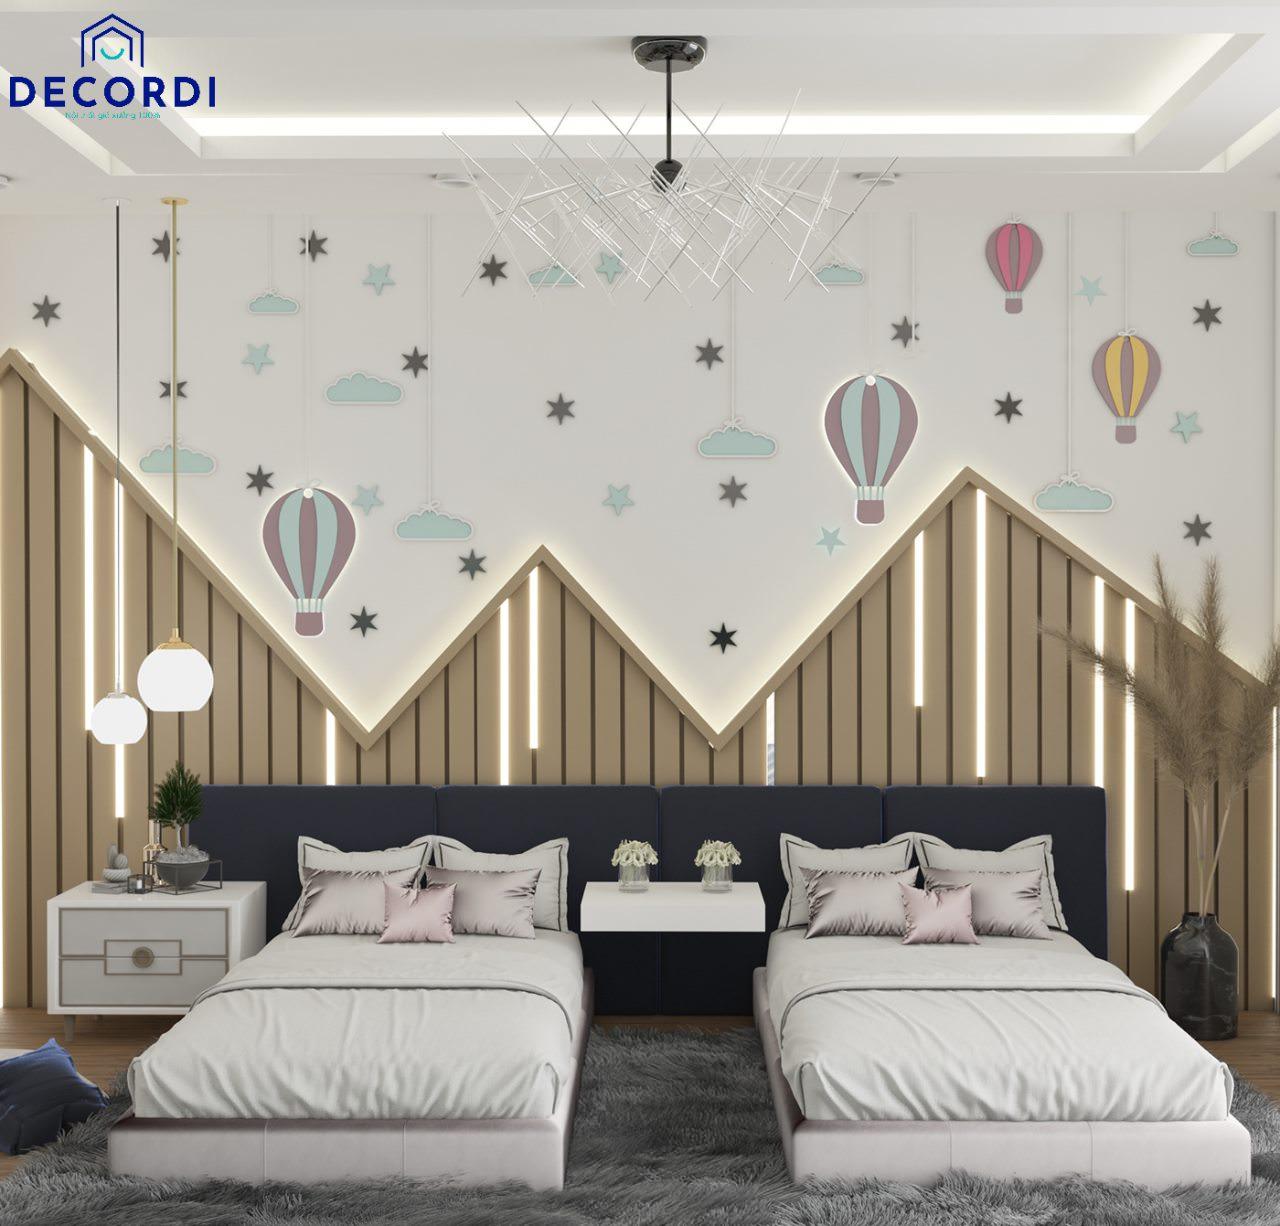 Thiết kế phòng ngủ 2 giường đôi cho 2 bé